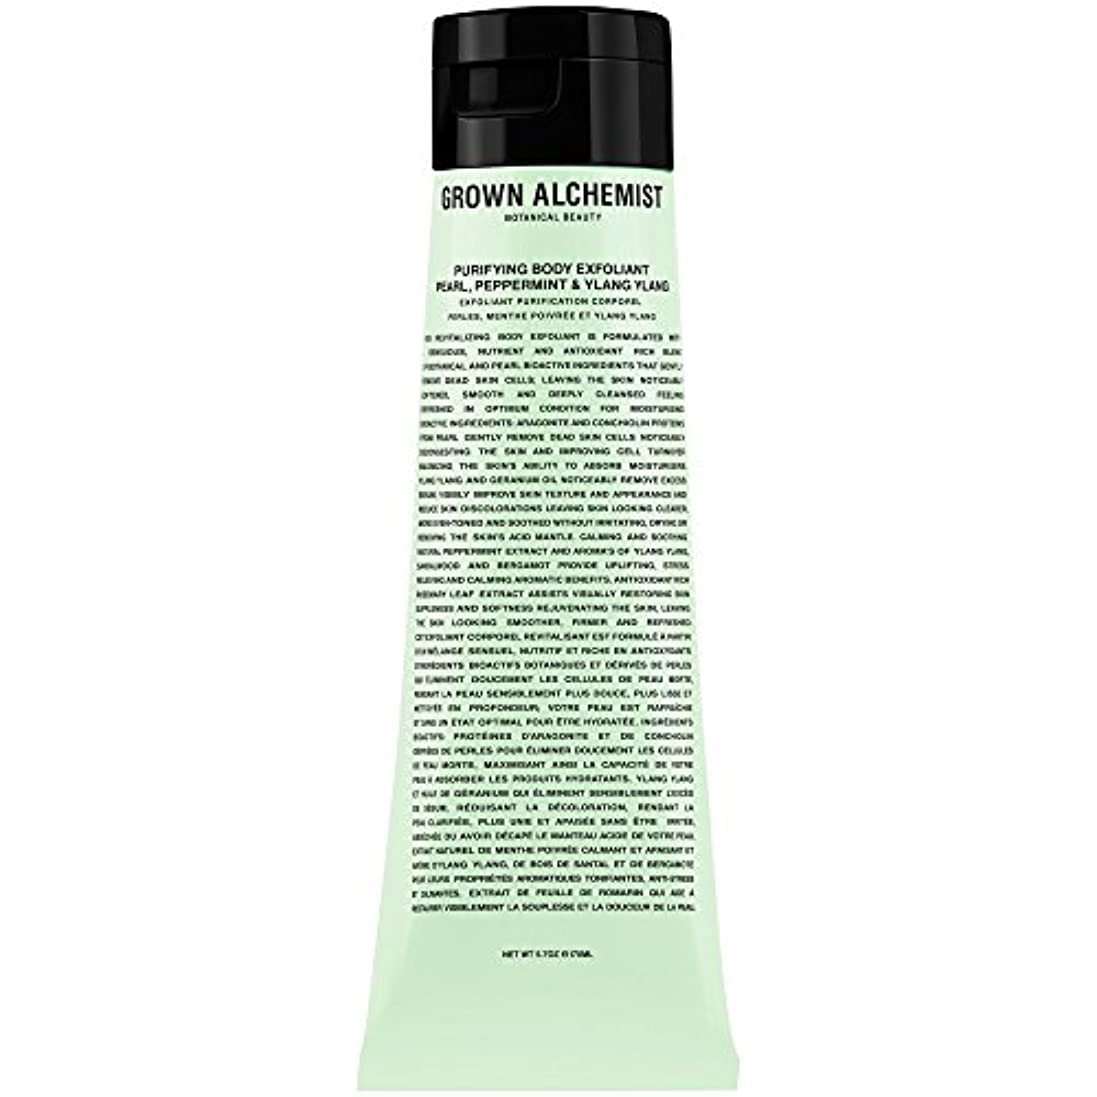 申請者色女王成長した錬金術師浄化体剥脱真珠ペパーミント&イランイラン170ミリリットル (Grown Alchemist) (x2) - Grown Alchemist Purifying Body Exfoliant Pearl...